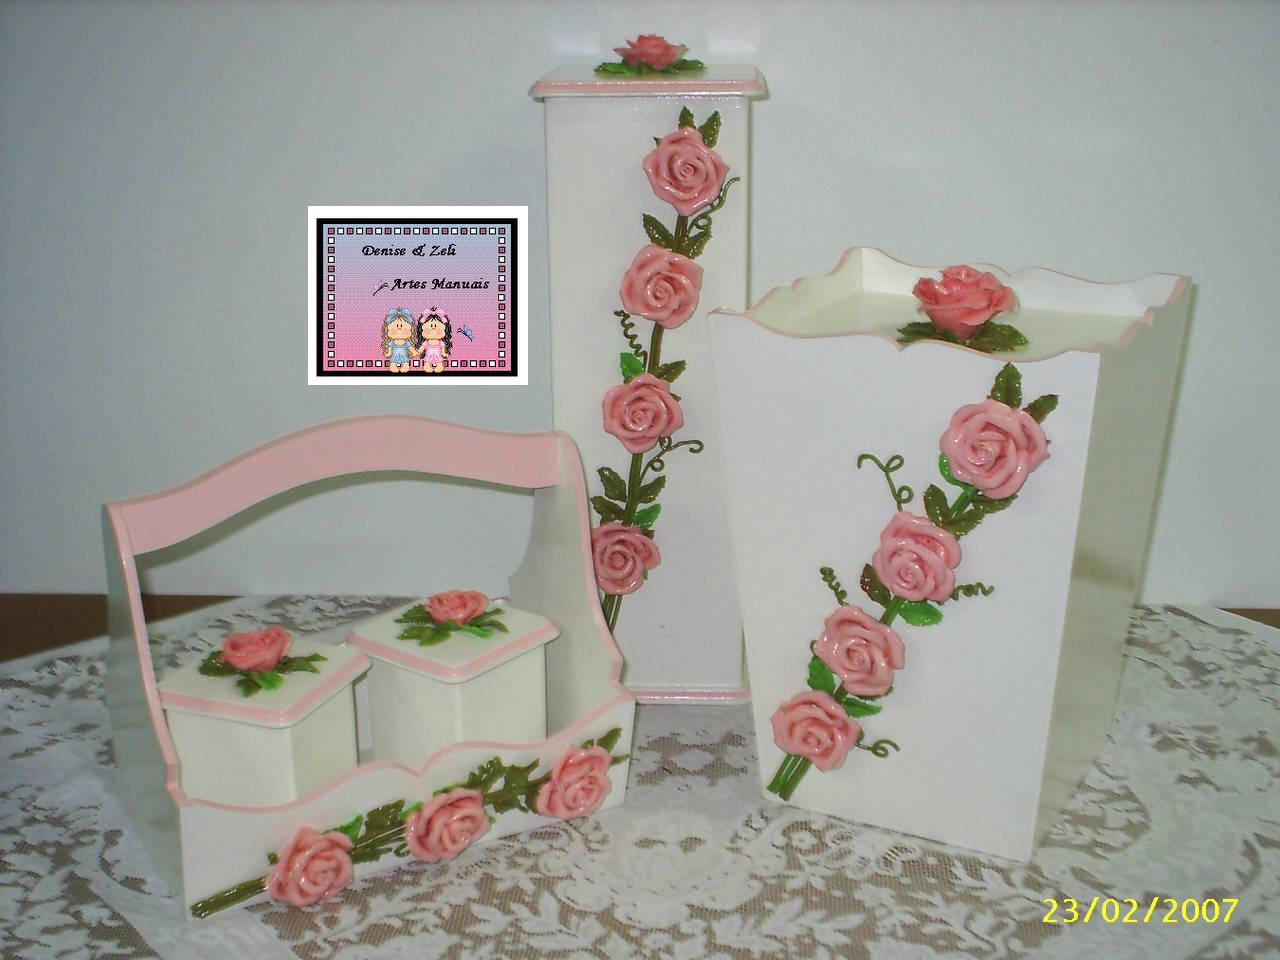 Artes Manuais Kit de Banheiro  mdf e biscuit -> Kit Banheiro Mdf Decorado